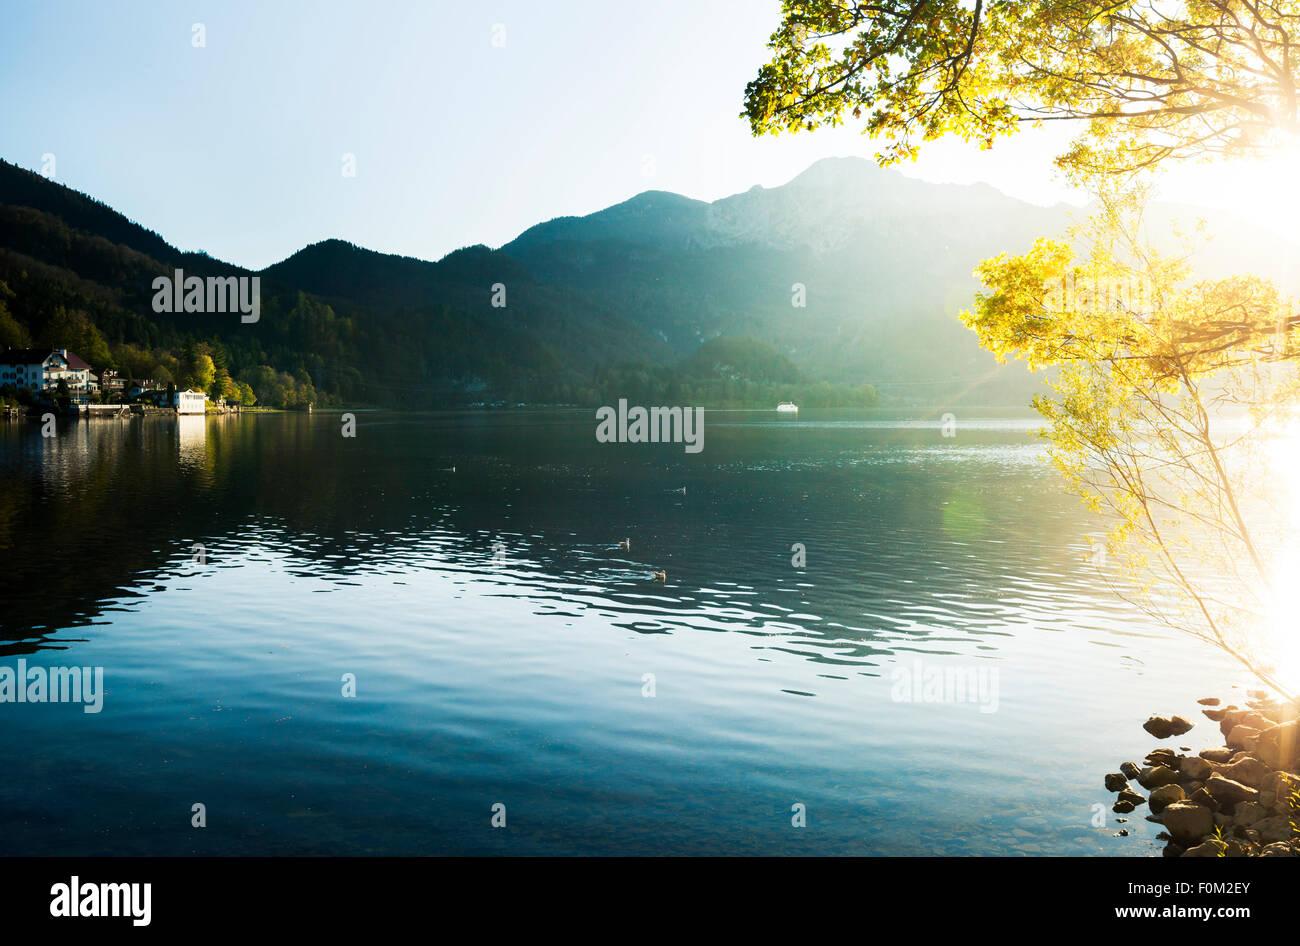 Tramonto sul lago di Kochel, Baviera, Germania Immagini Stock